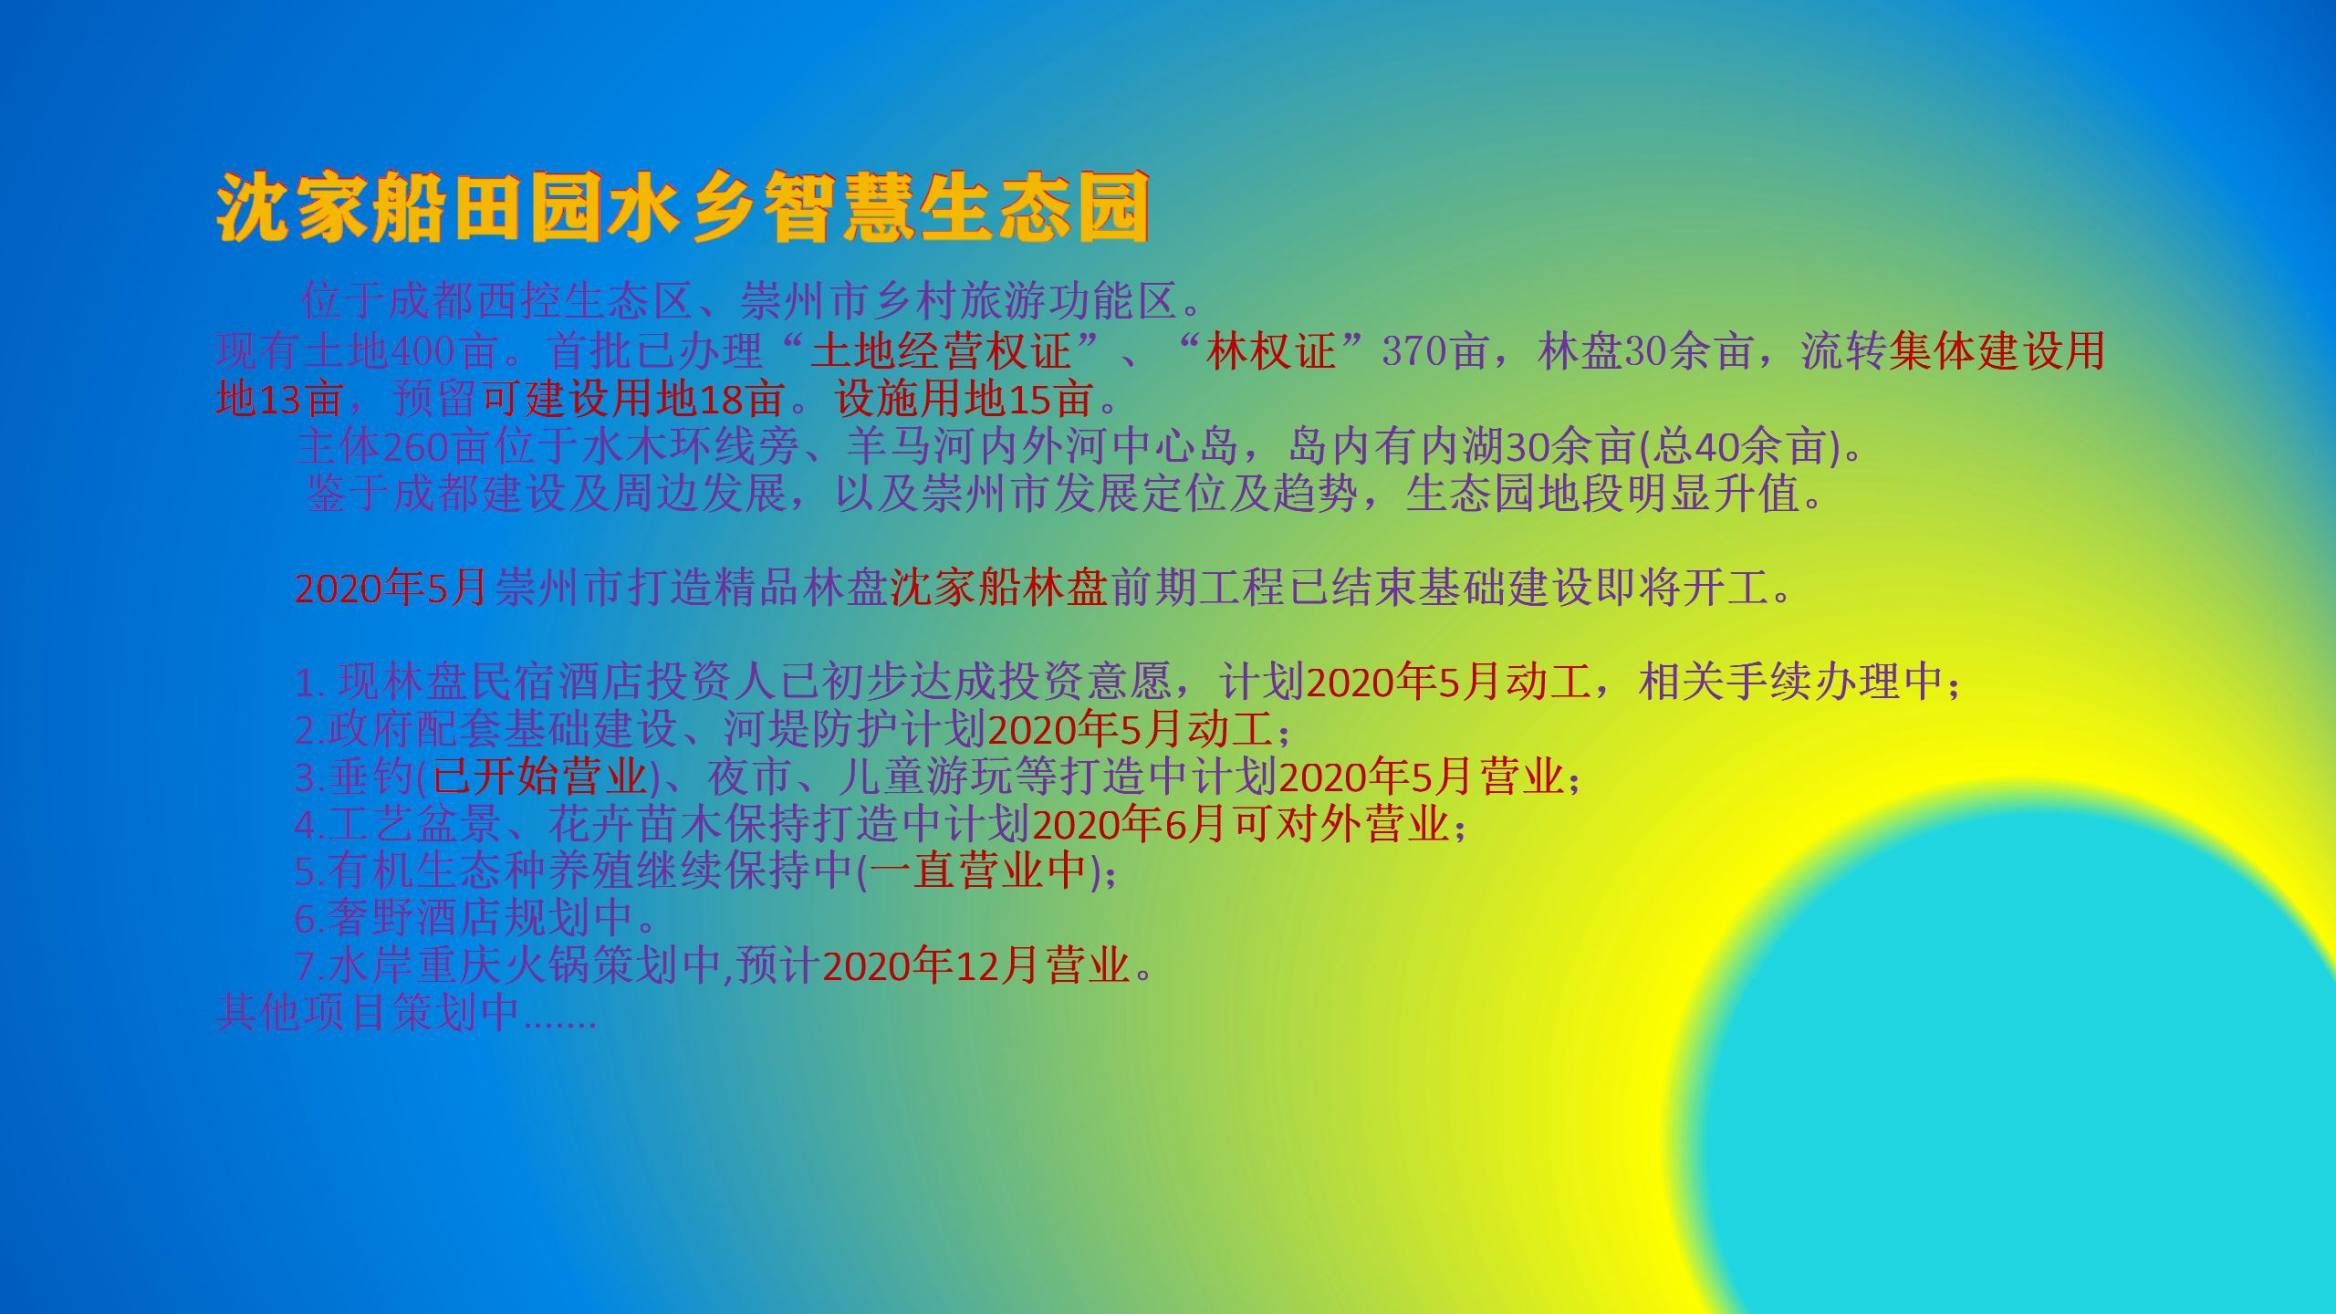 沈家船田园水乡智慧生态园 (22)